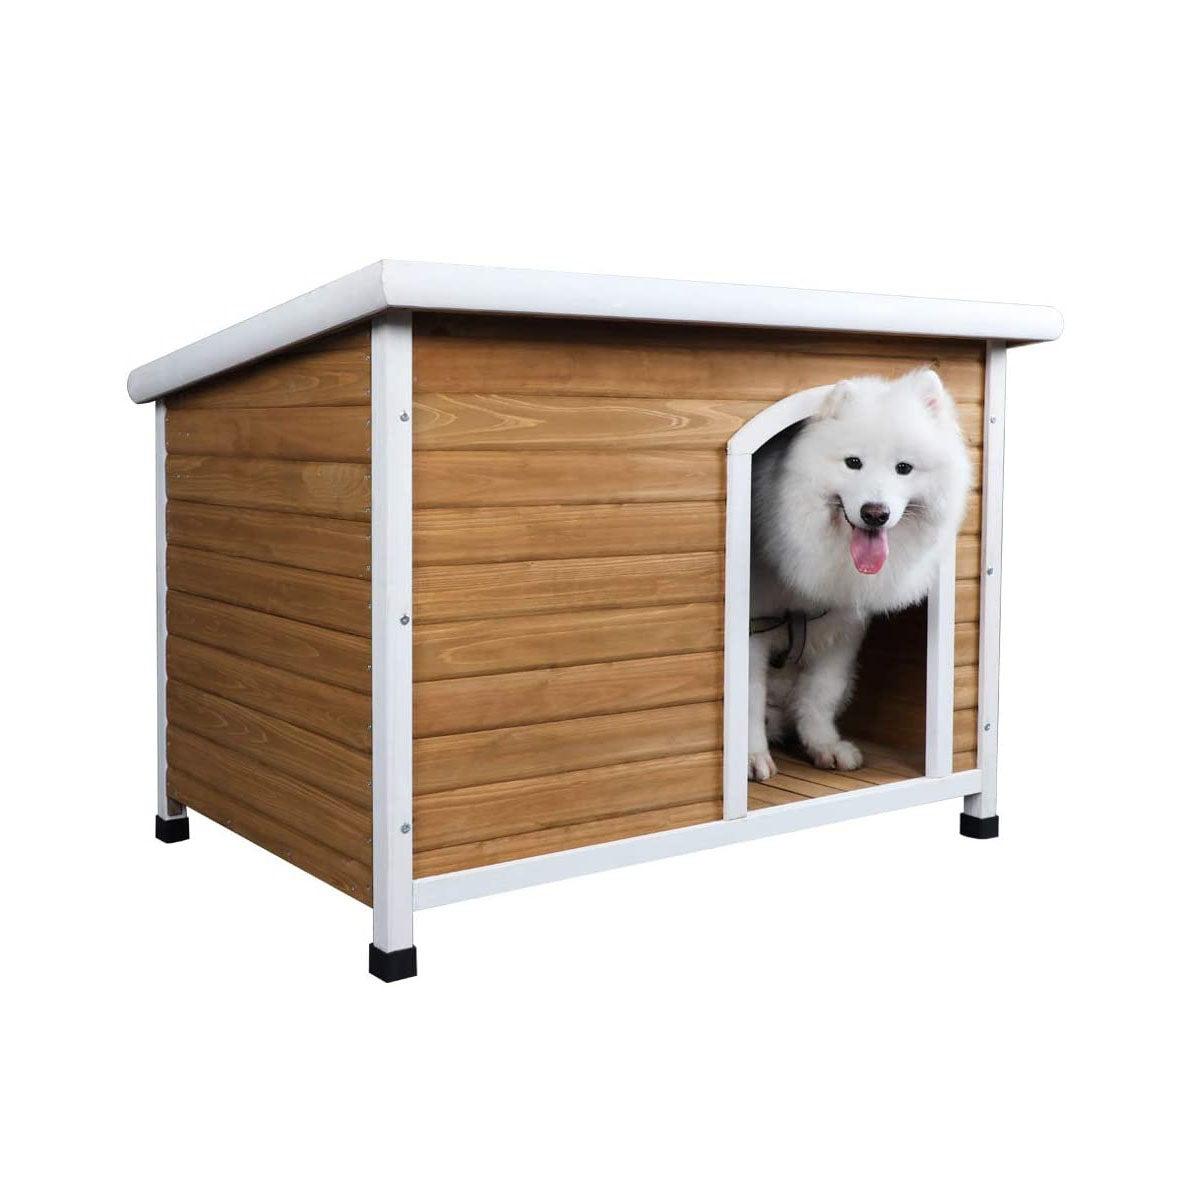 The Best Dog Houses for Man's Best Friend - Bob Vila